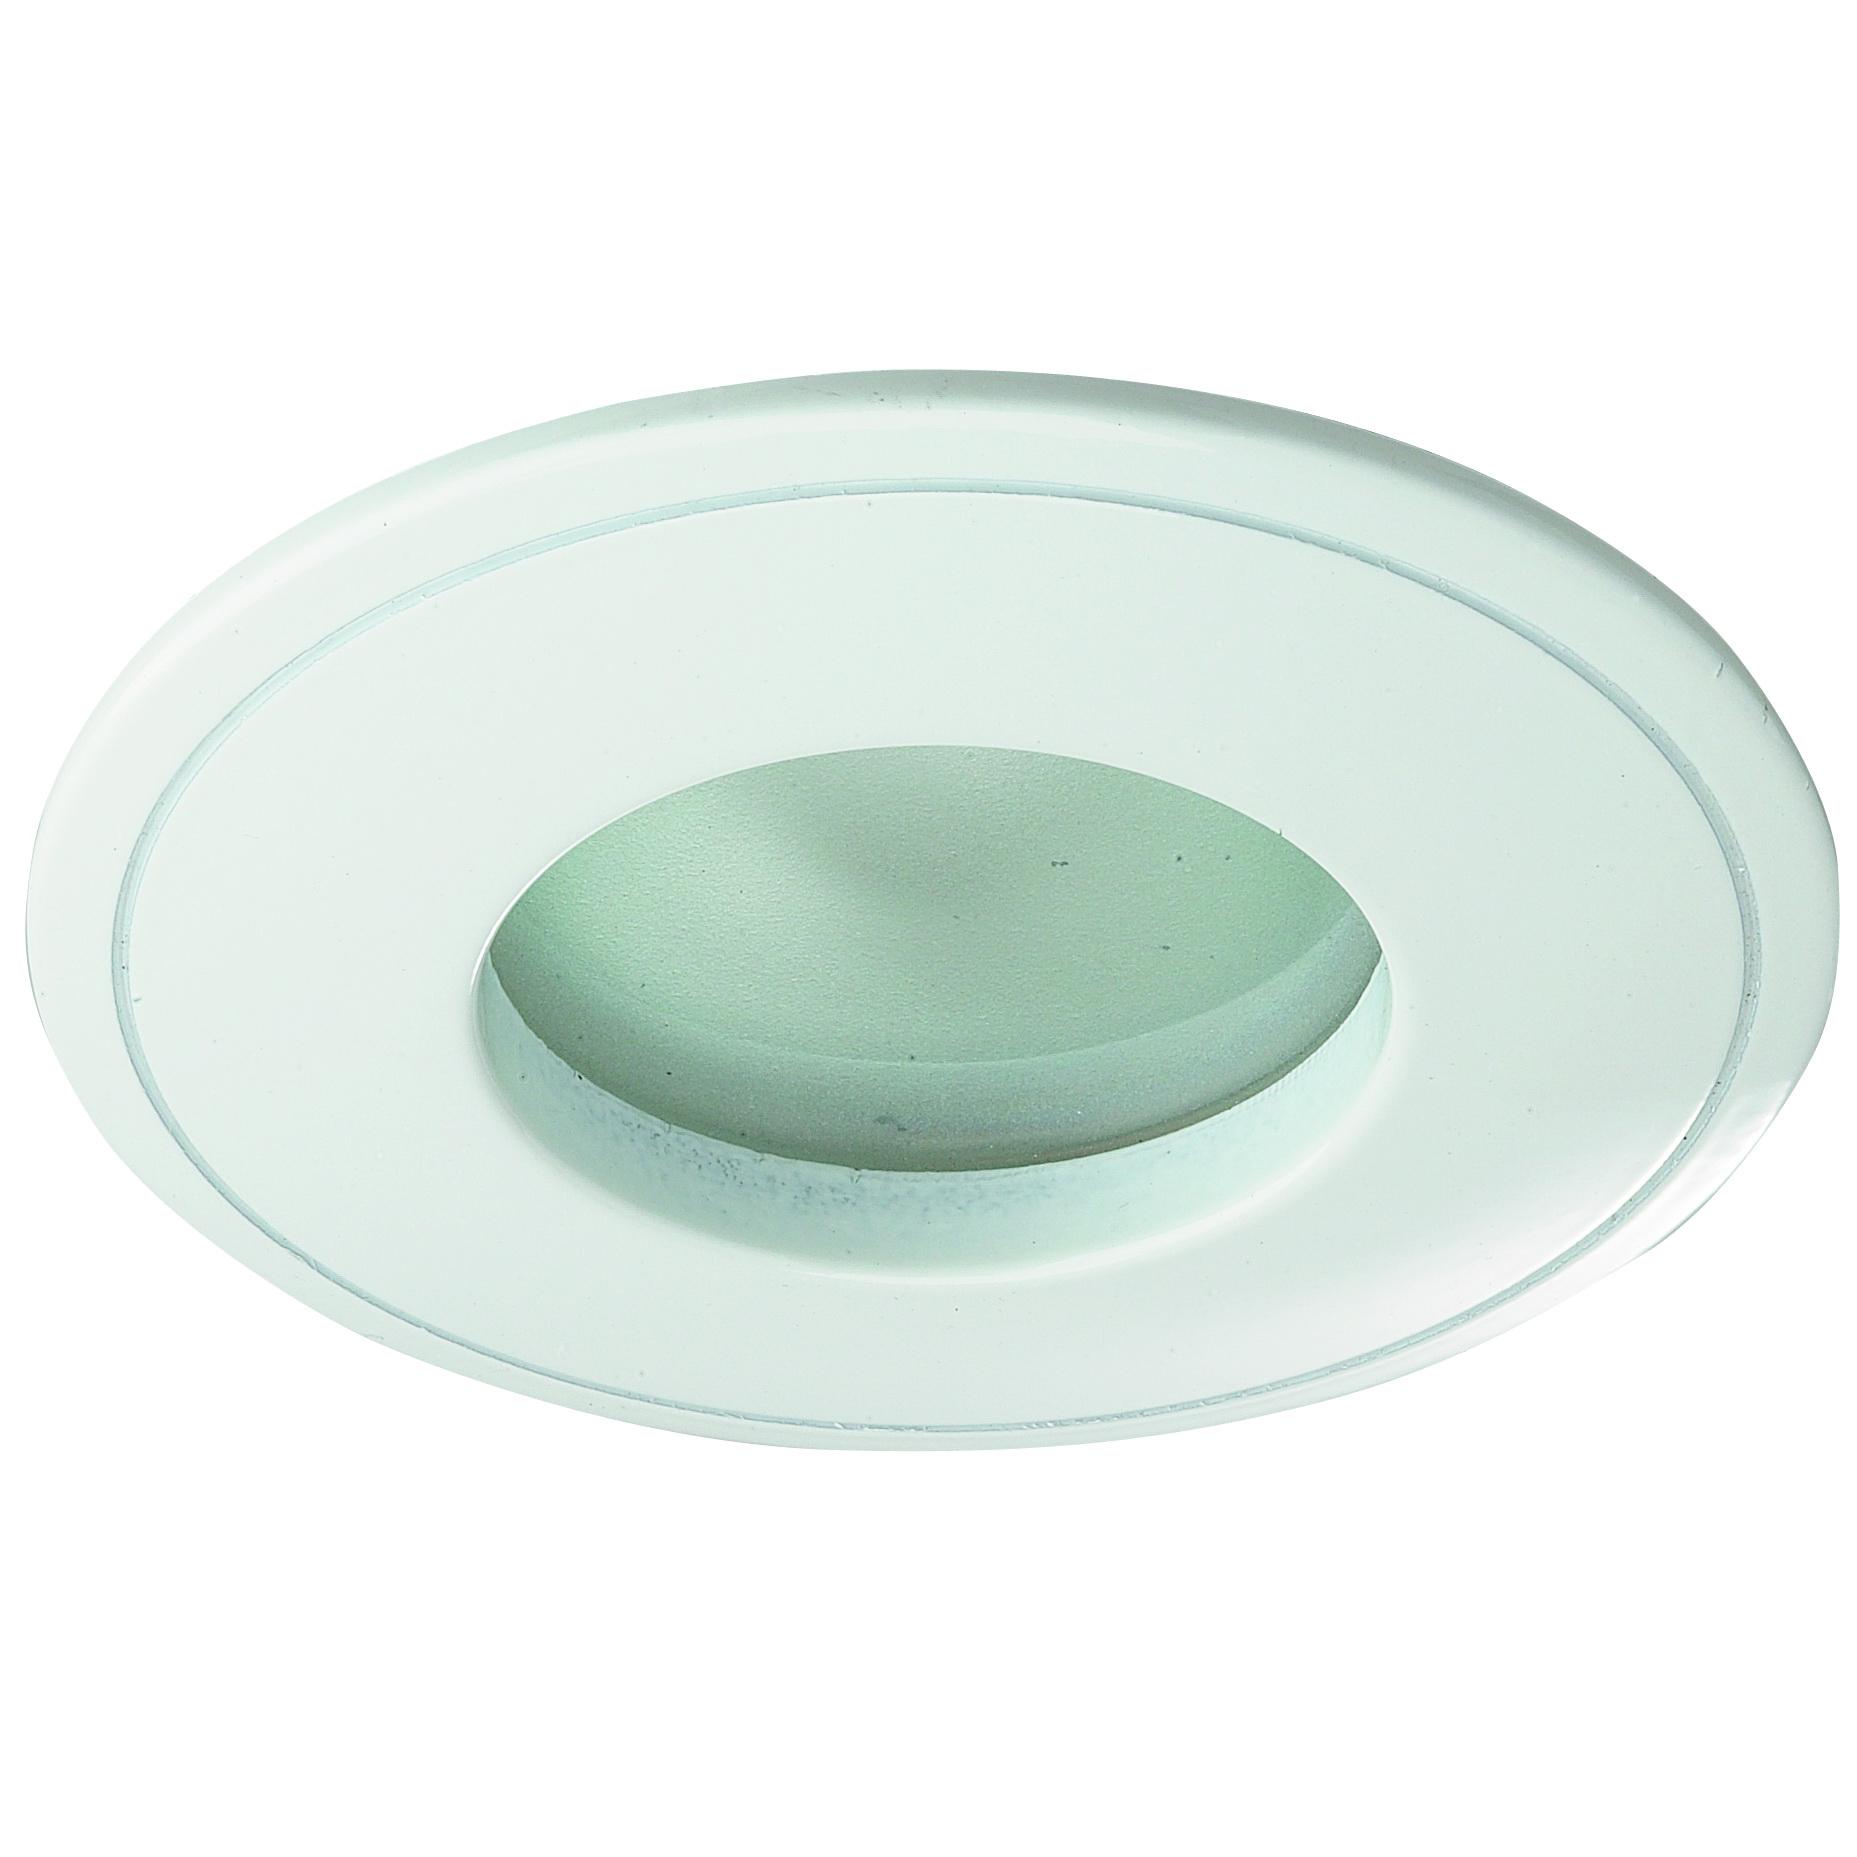 Светильник встраиваемый Novotech Aqua nt09 179 369305 thetford жидкость для биотуалета aqua kem blue